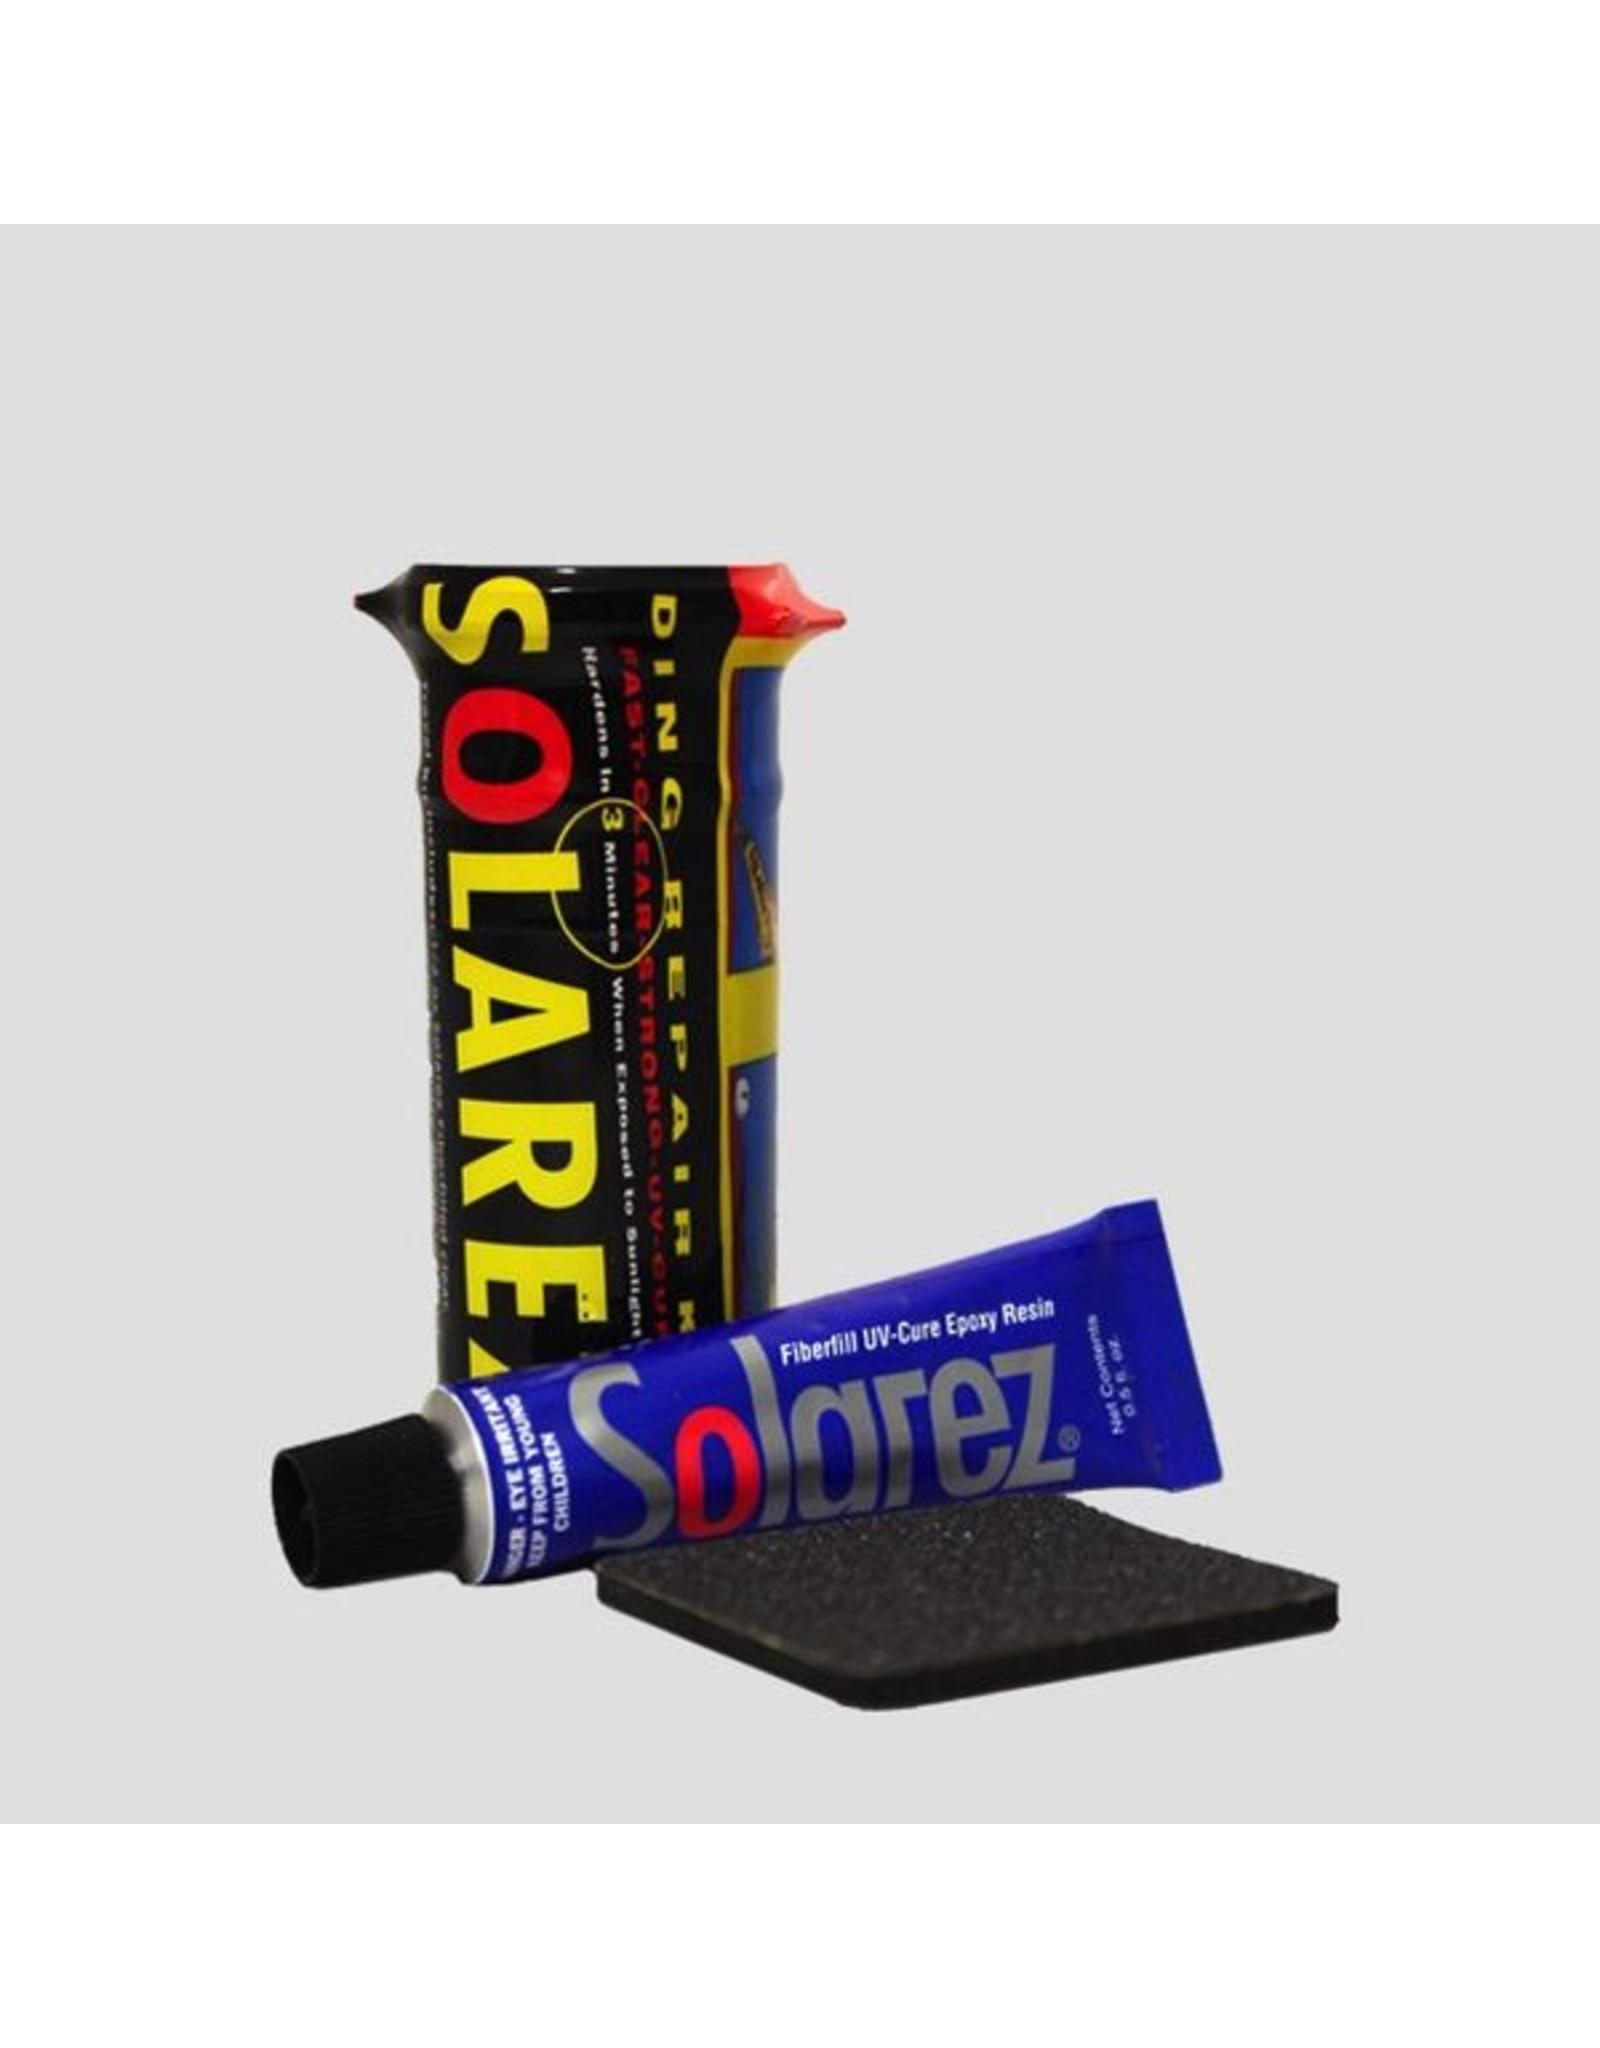 Solarez Solarez UV Epoxy reise rep sett 15g